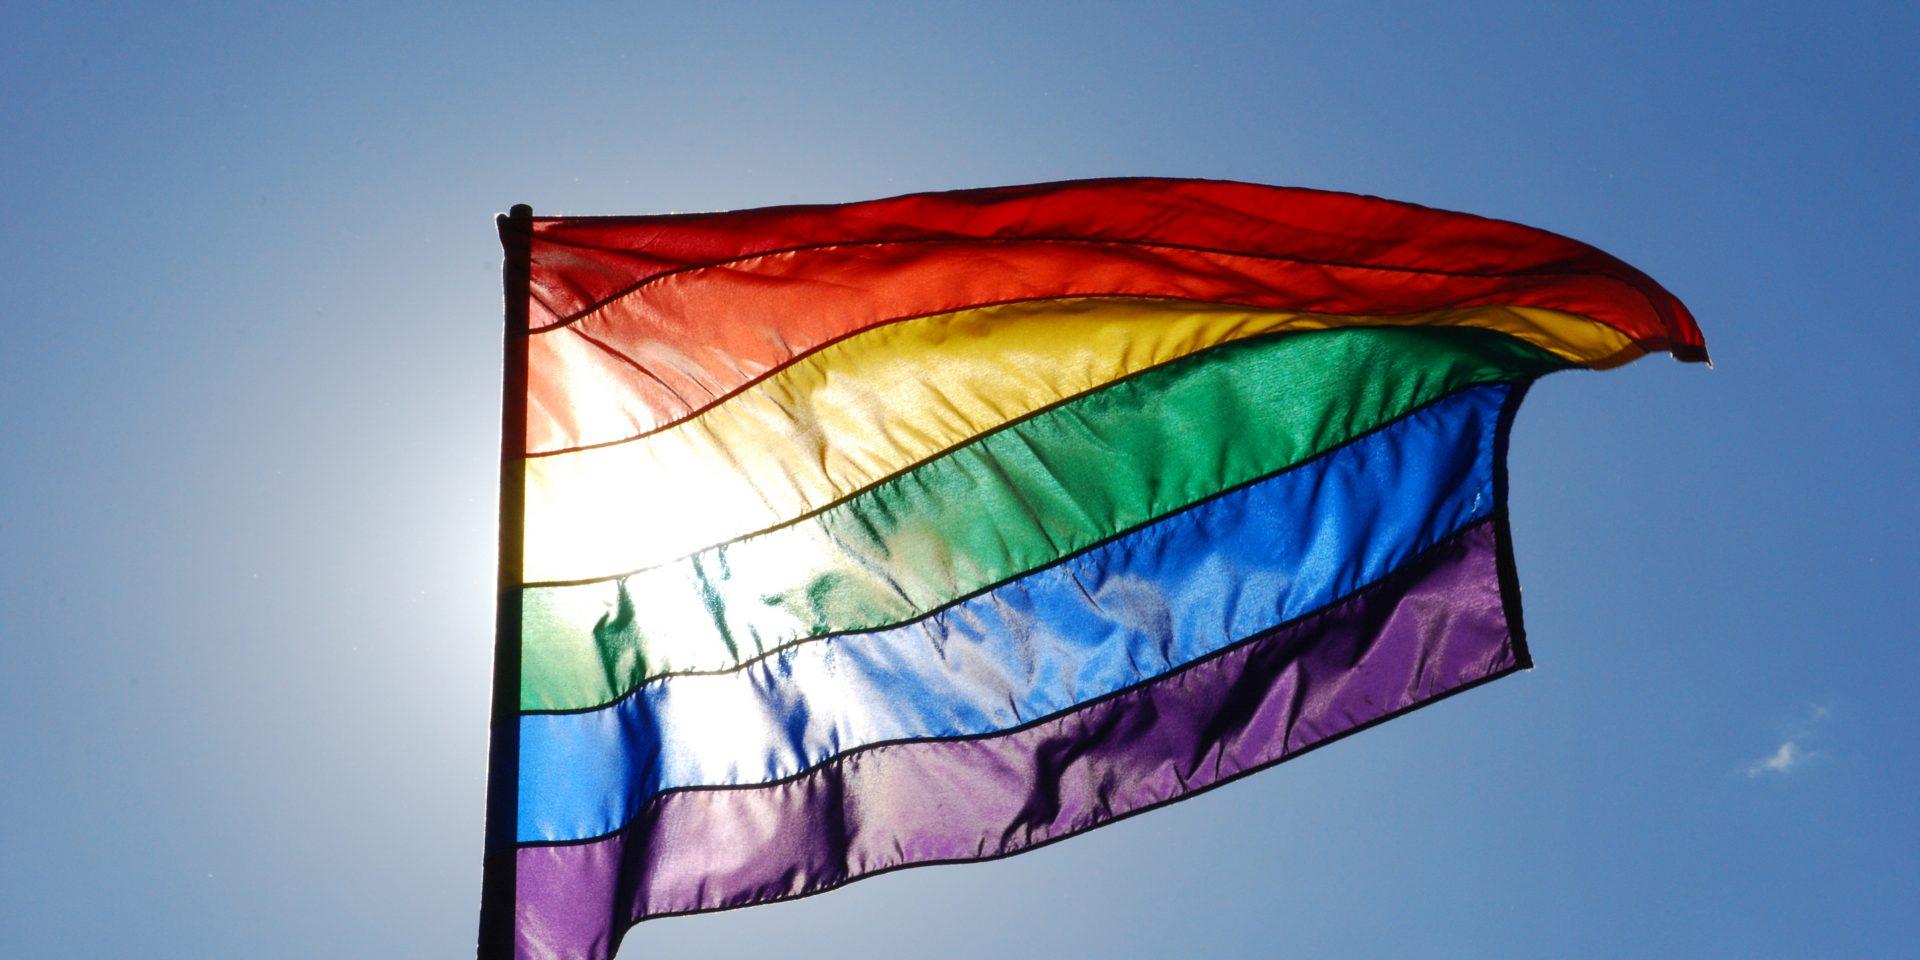 Lagförslaget om dödsstraff för homosexuella kan skapa våldsamma konsekvenser för hbtq-personer i landet.